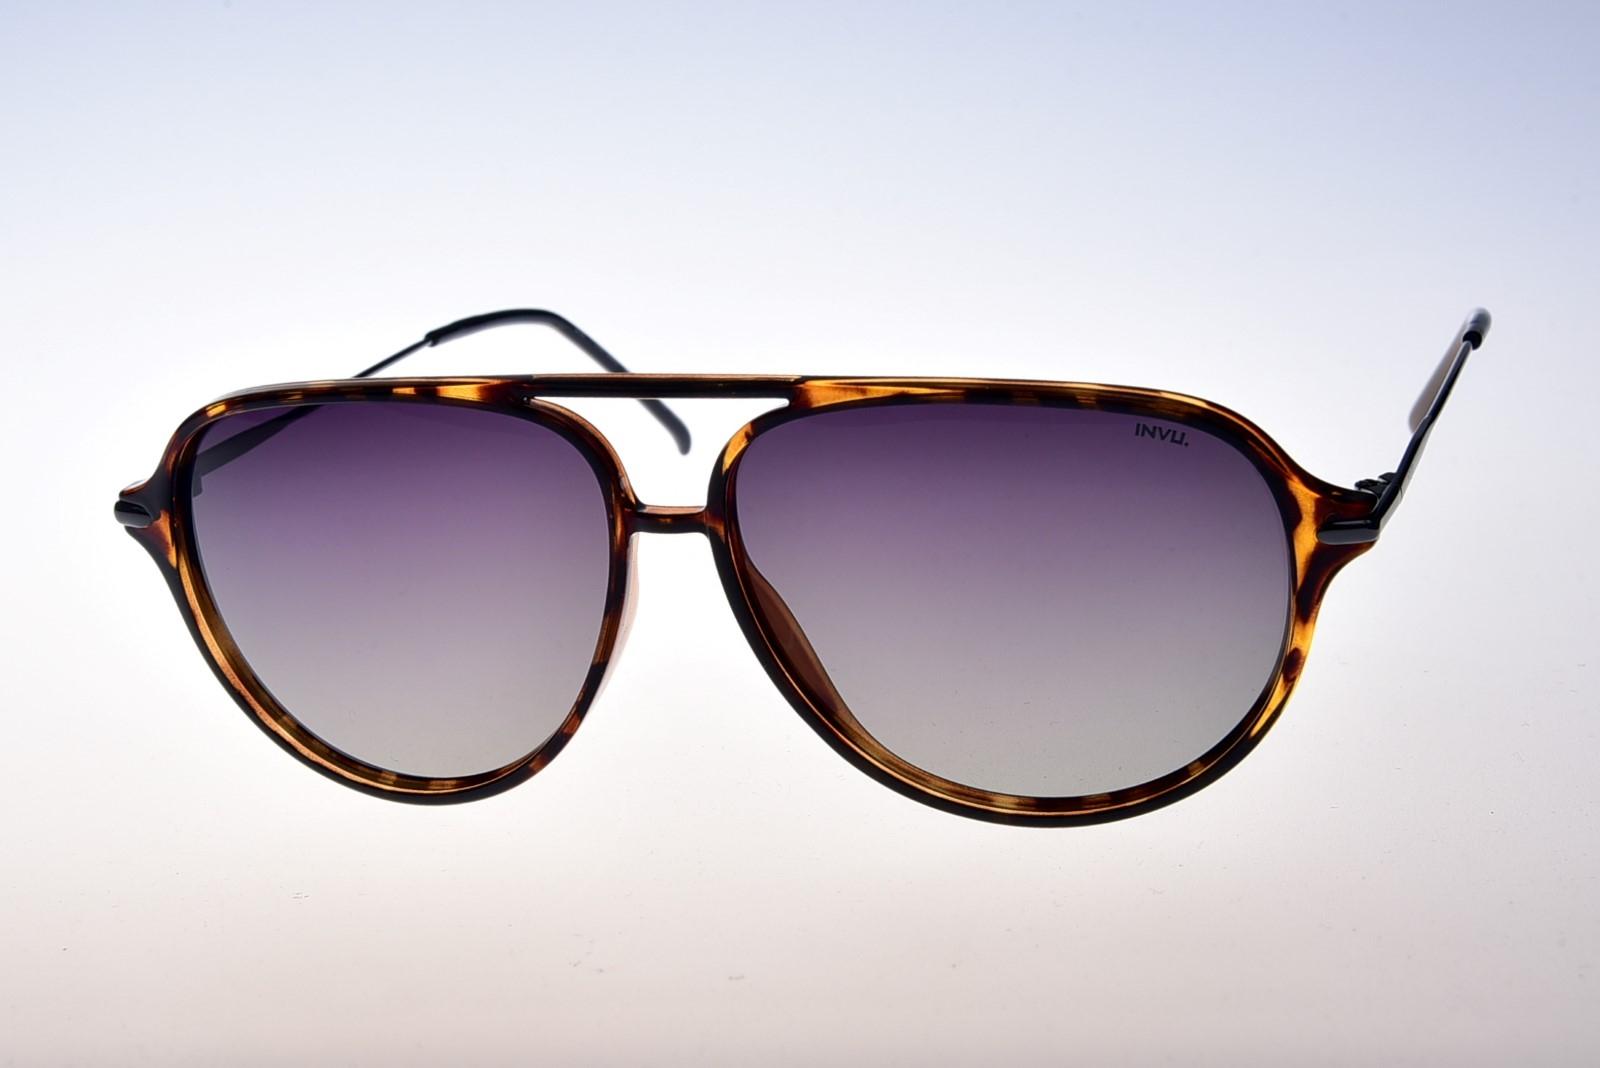 INVU.  B2032A - Pánske slnečné okuliare